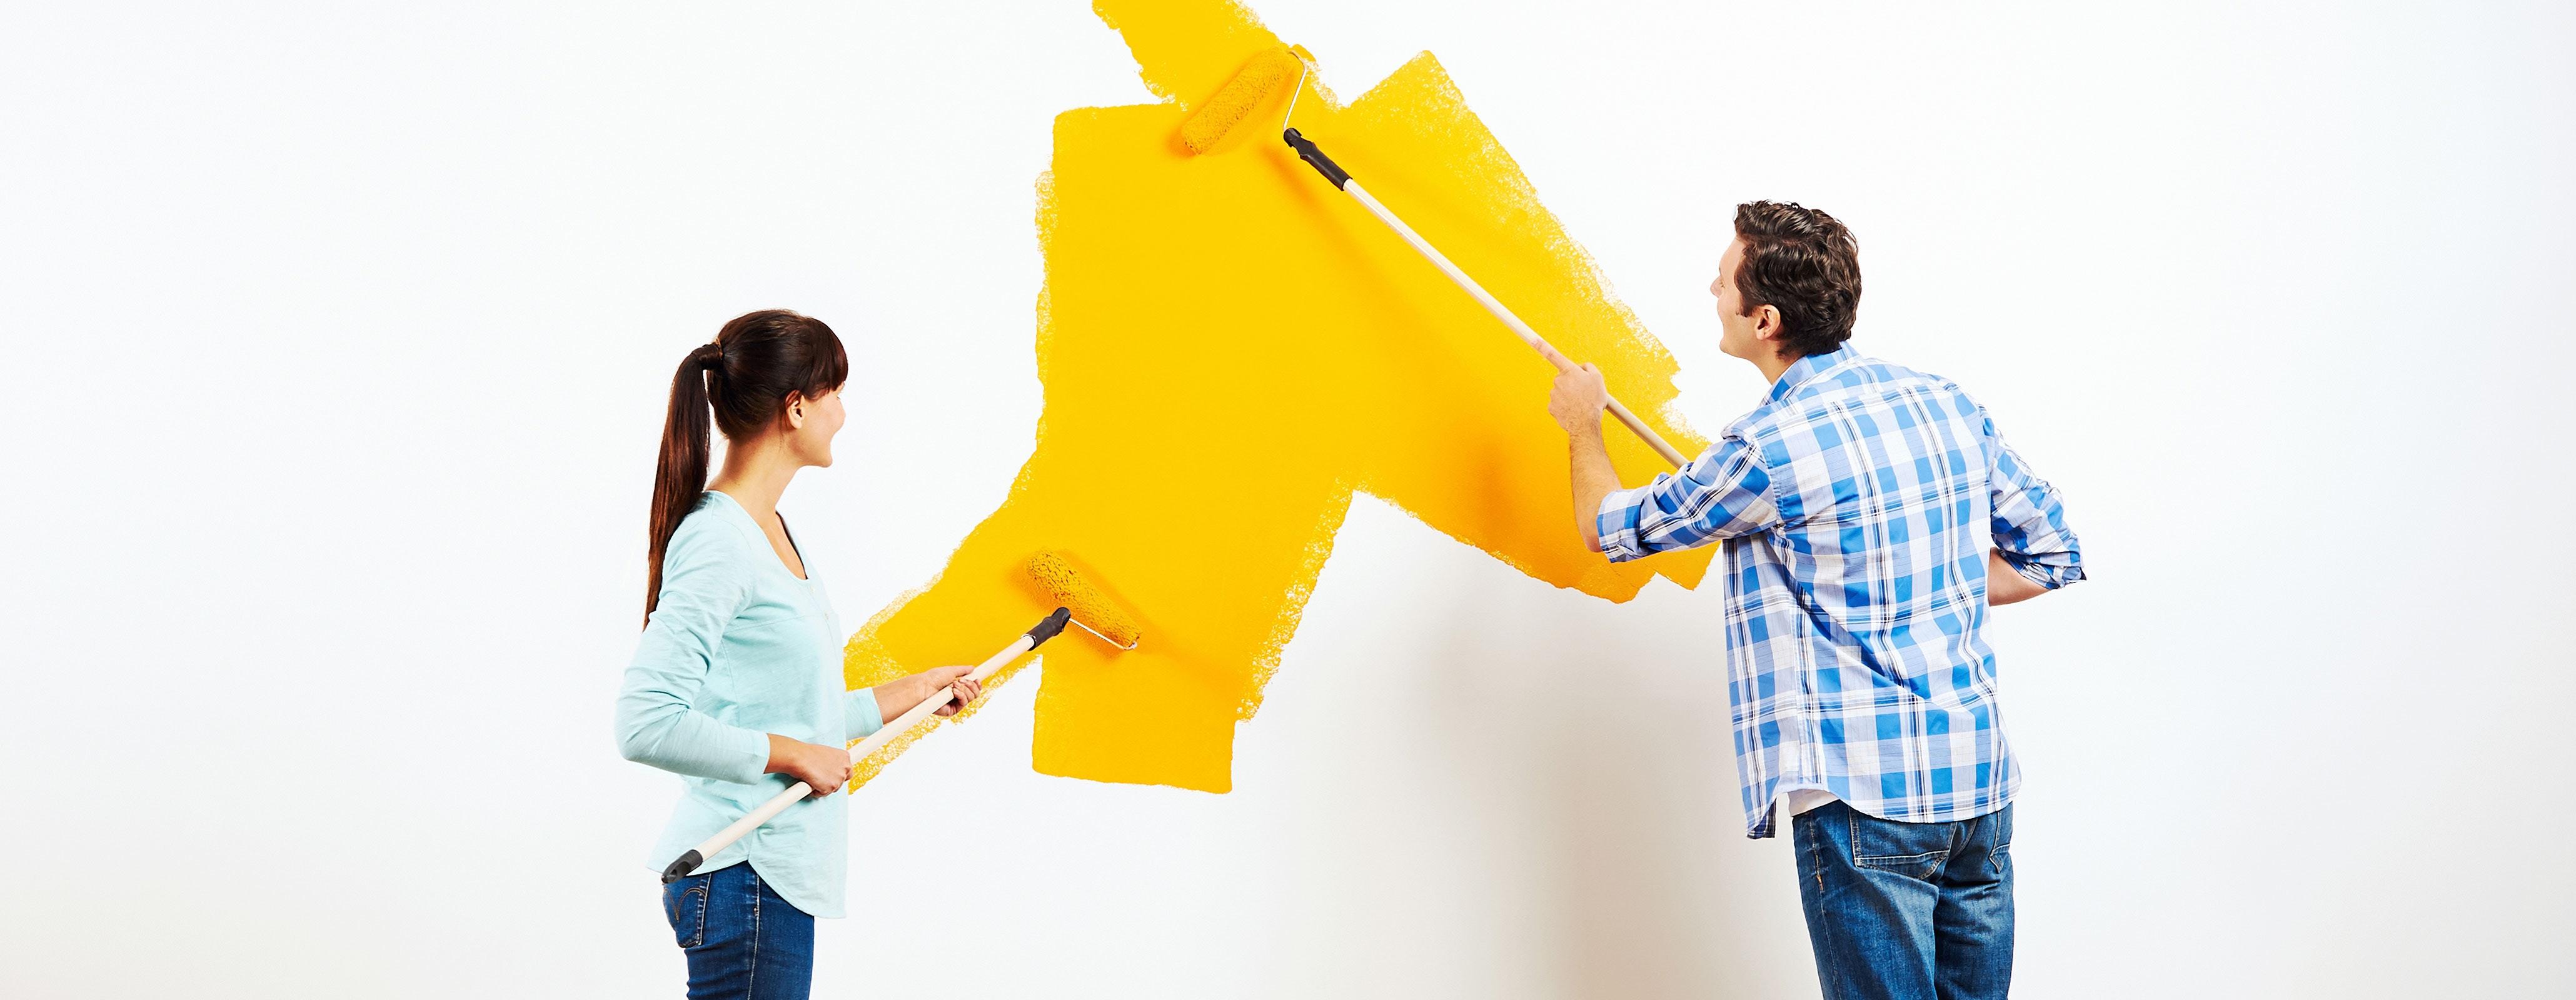 Stel verft muur geel